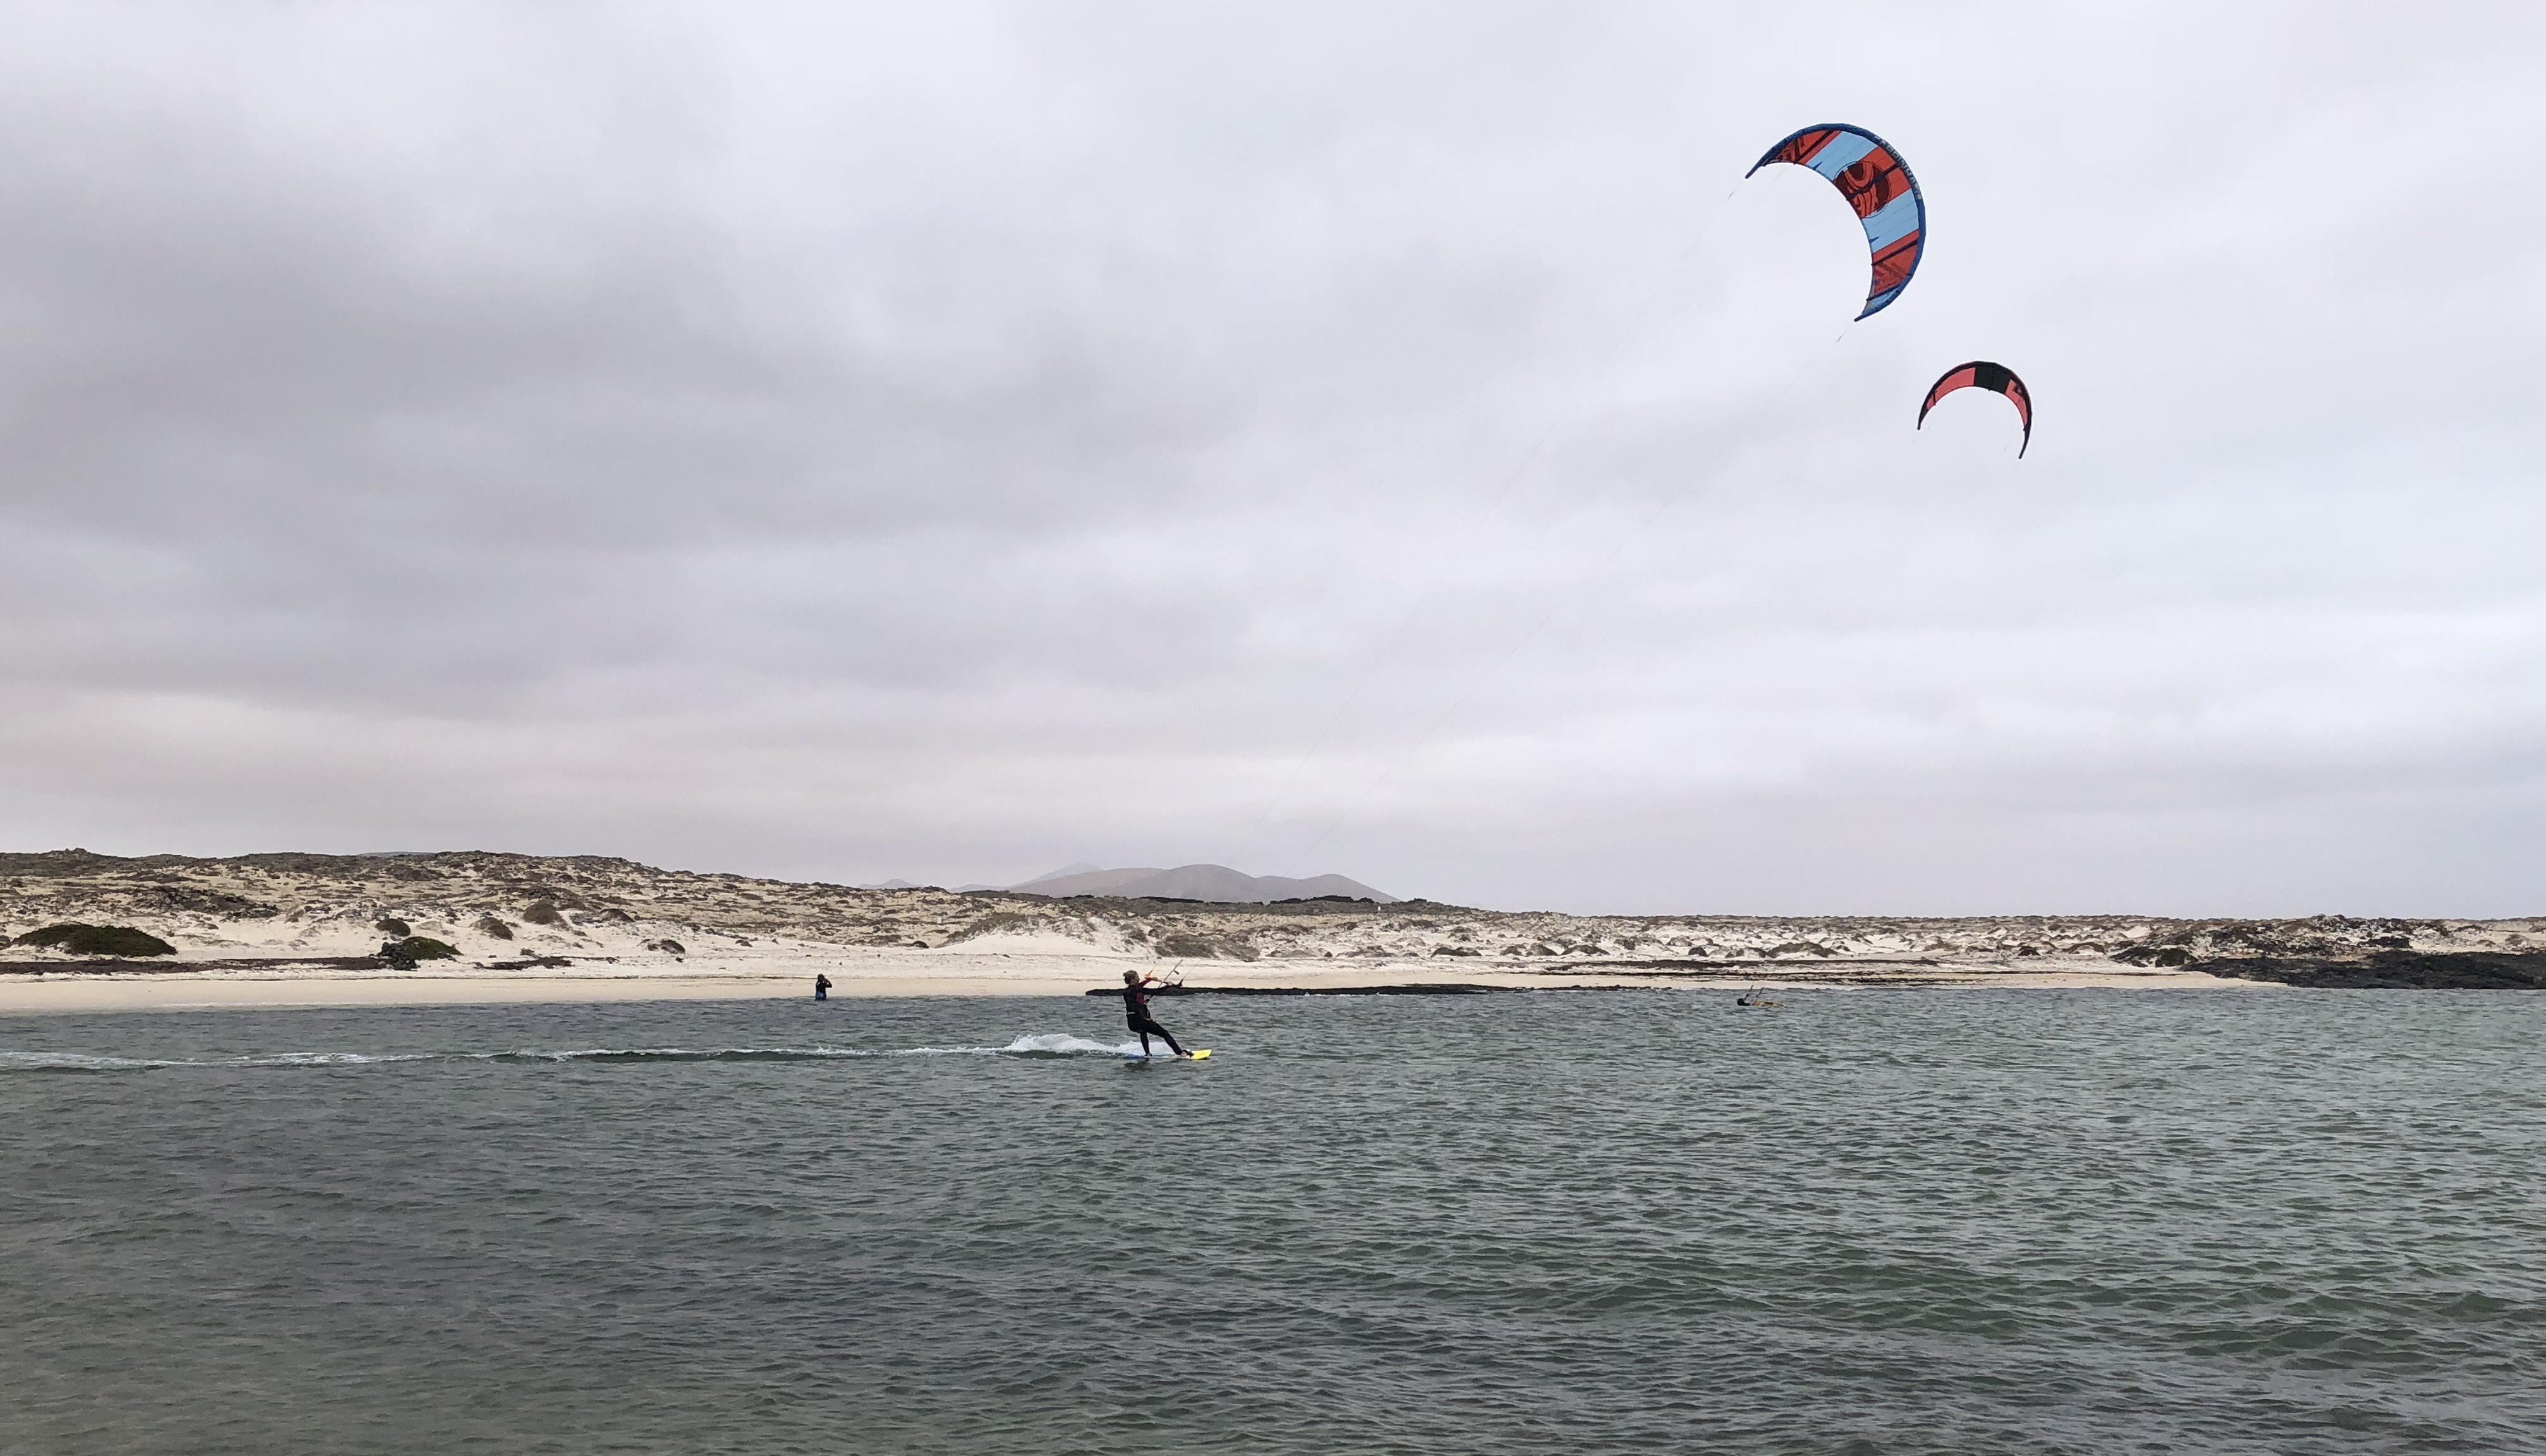 El Cotillo Kite surfen: Sehenswürdigkeiten auf Fuerteventura